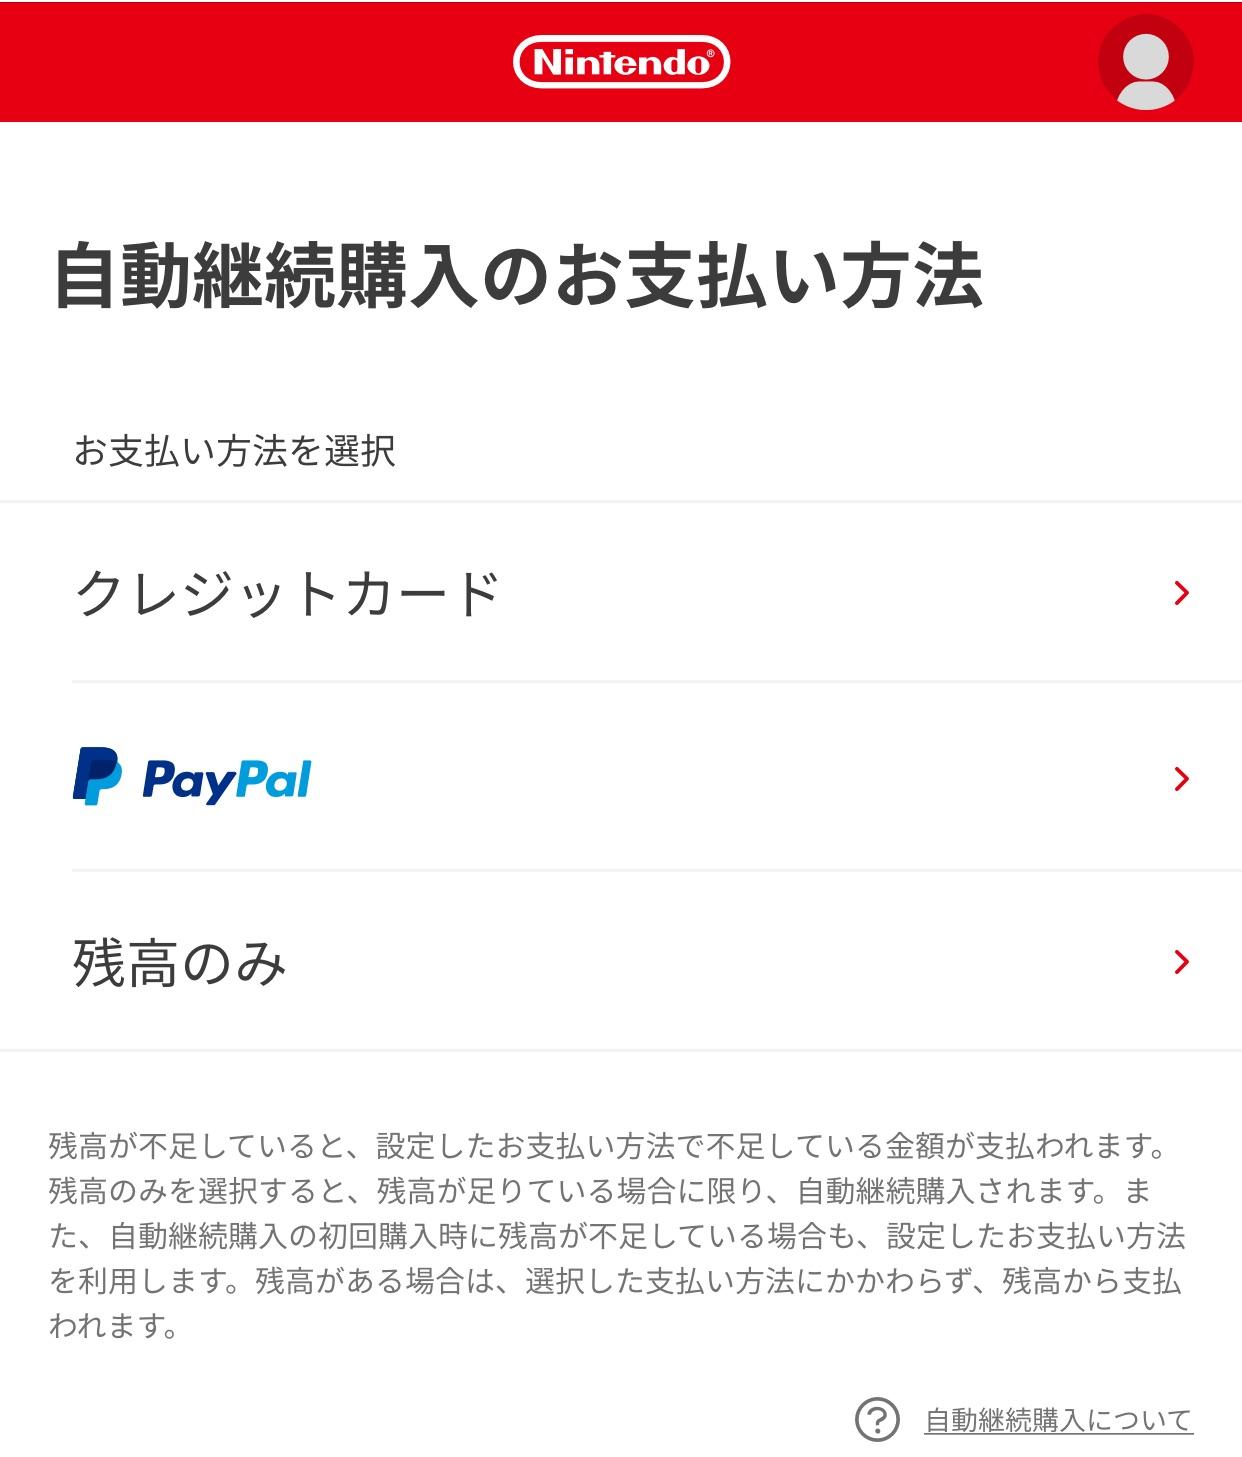 自動継続購入のお支払い方法